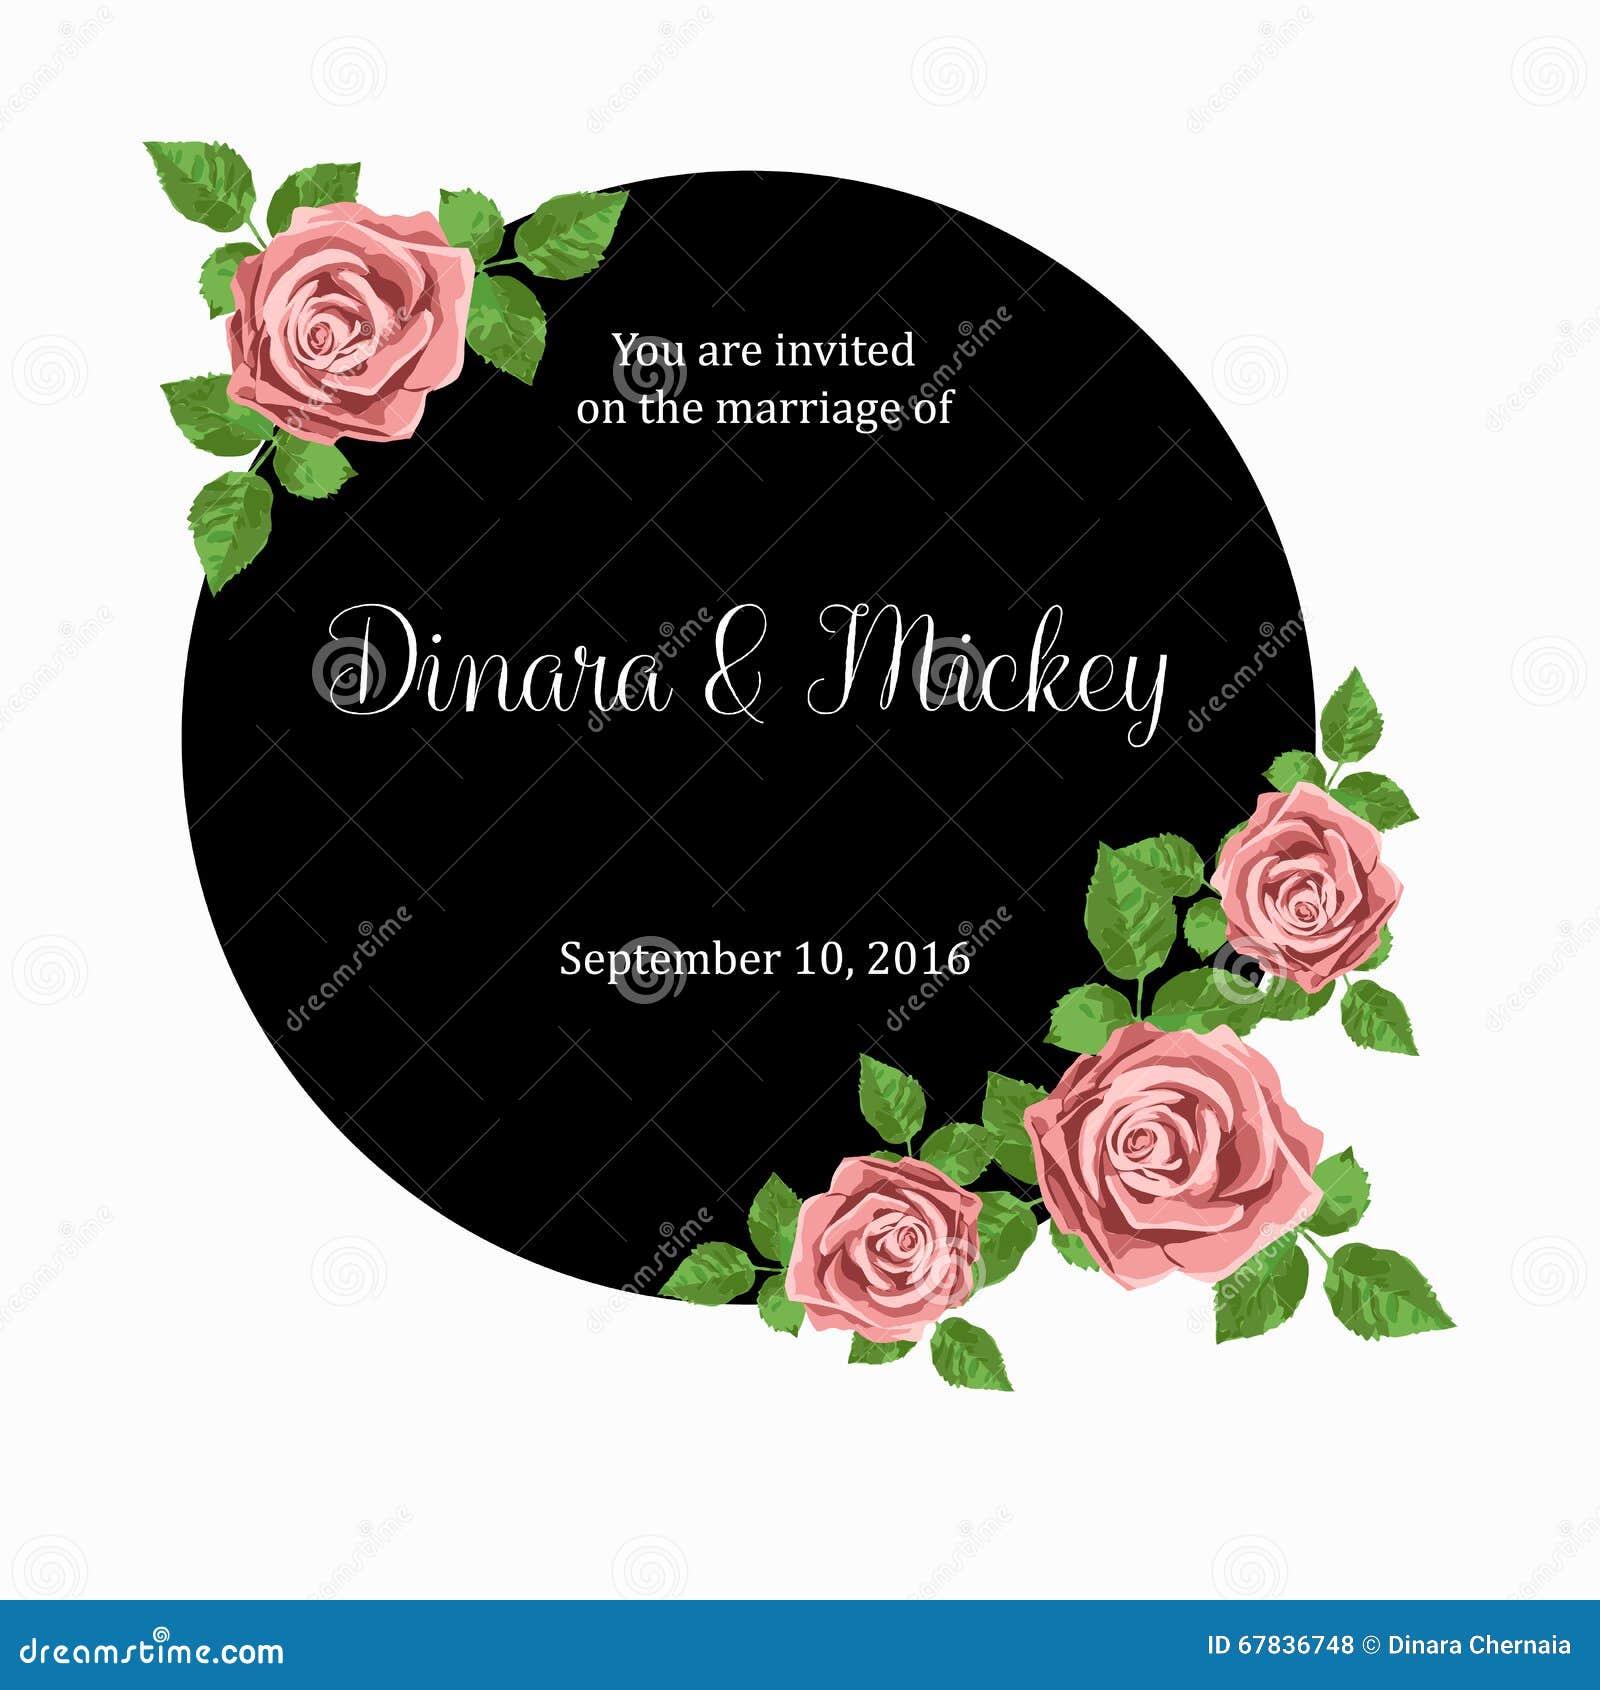 Hochzeitseinladungskarte Mit Rosa Realistischen Rosen Kann Als  Einladungskarte Für Die Heirat Benutzt Werden Vektor Abbildung